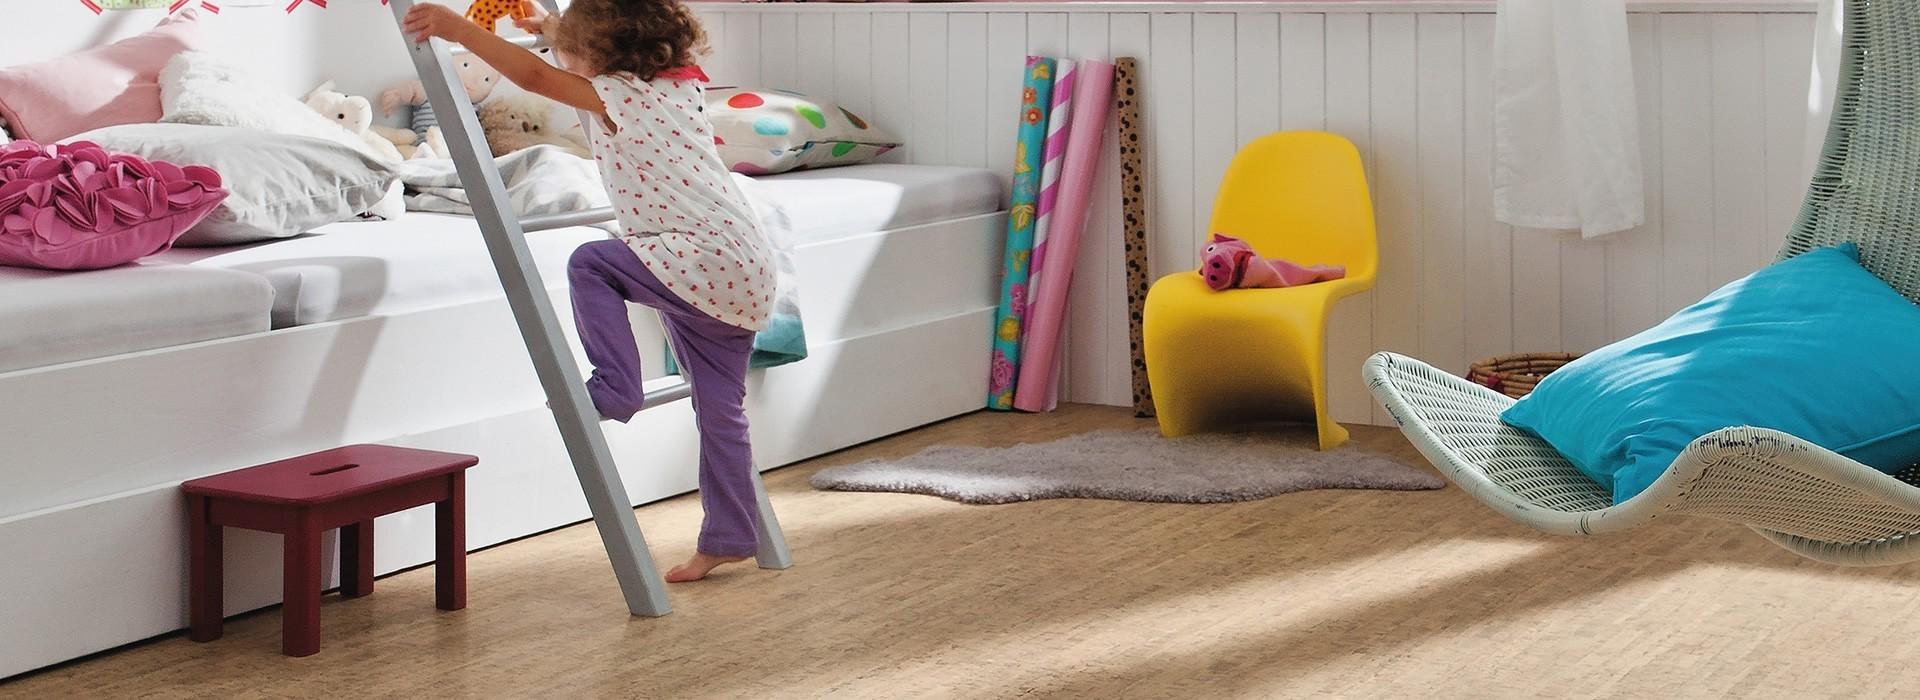 Мягкий пол в детской комнате – безопасность первых шагов (25 фото)